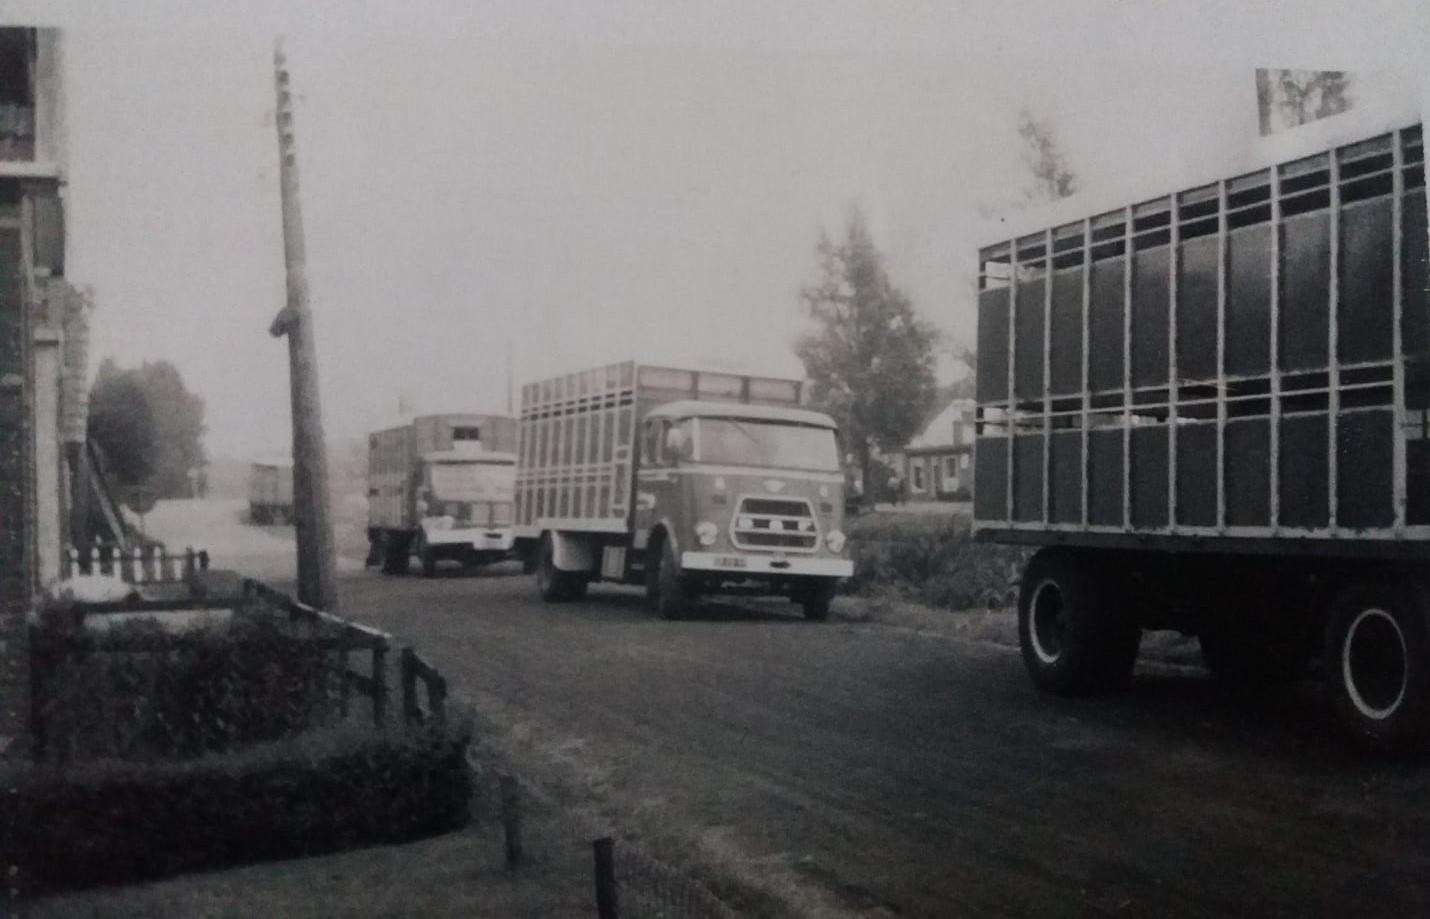 Daf-136-Pk-1965-met-aanhanger--dubbele-cabine---konden-wel-10-man-mee